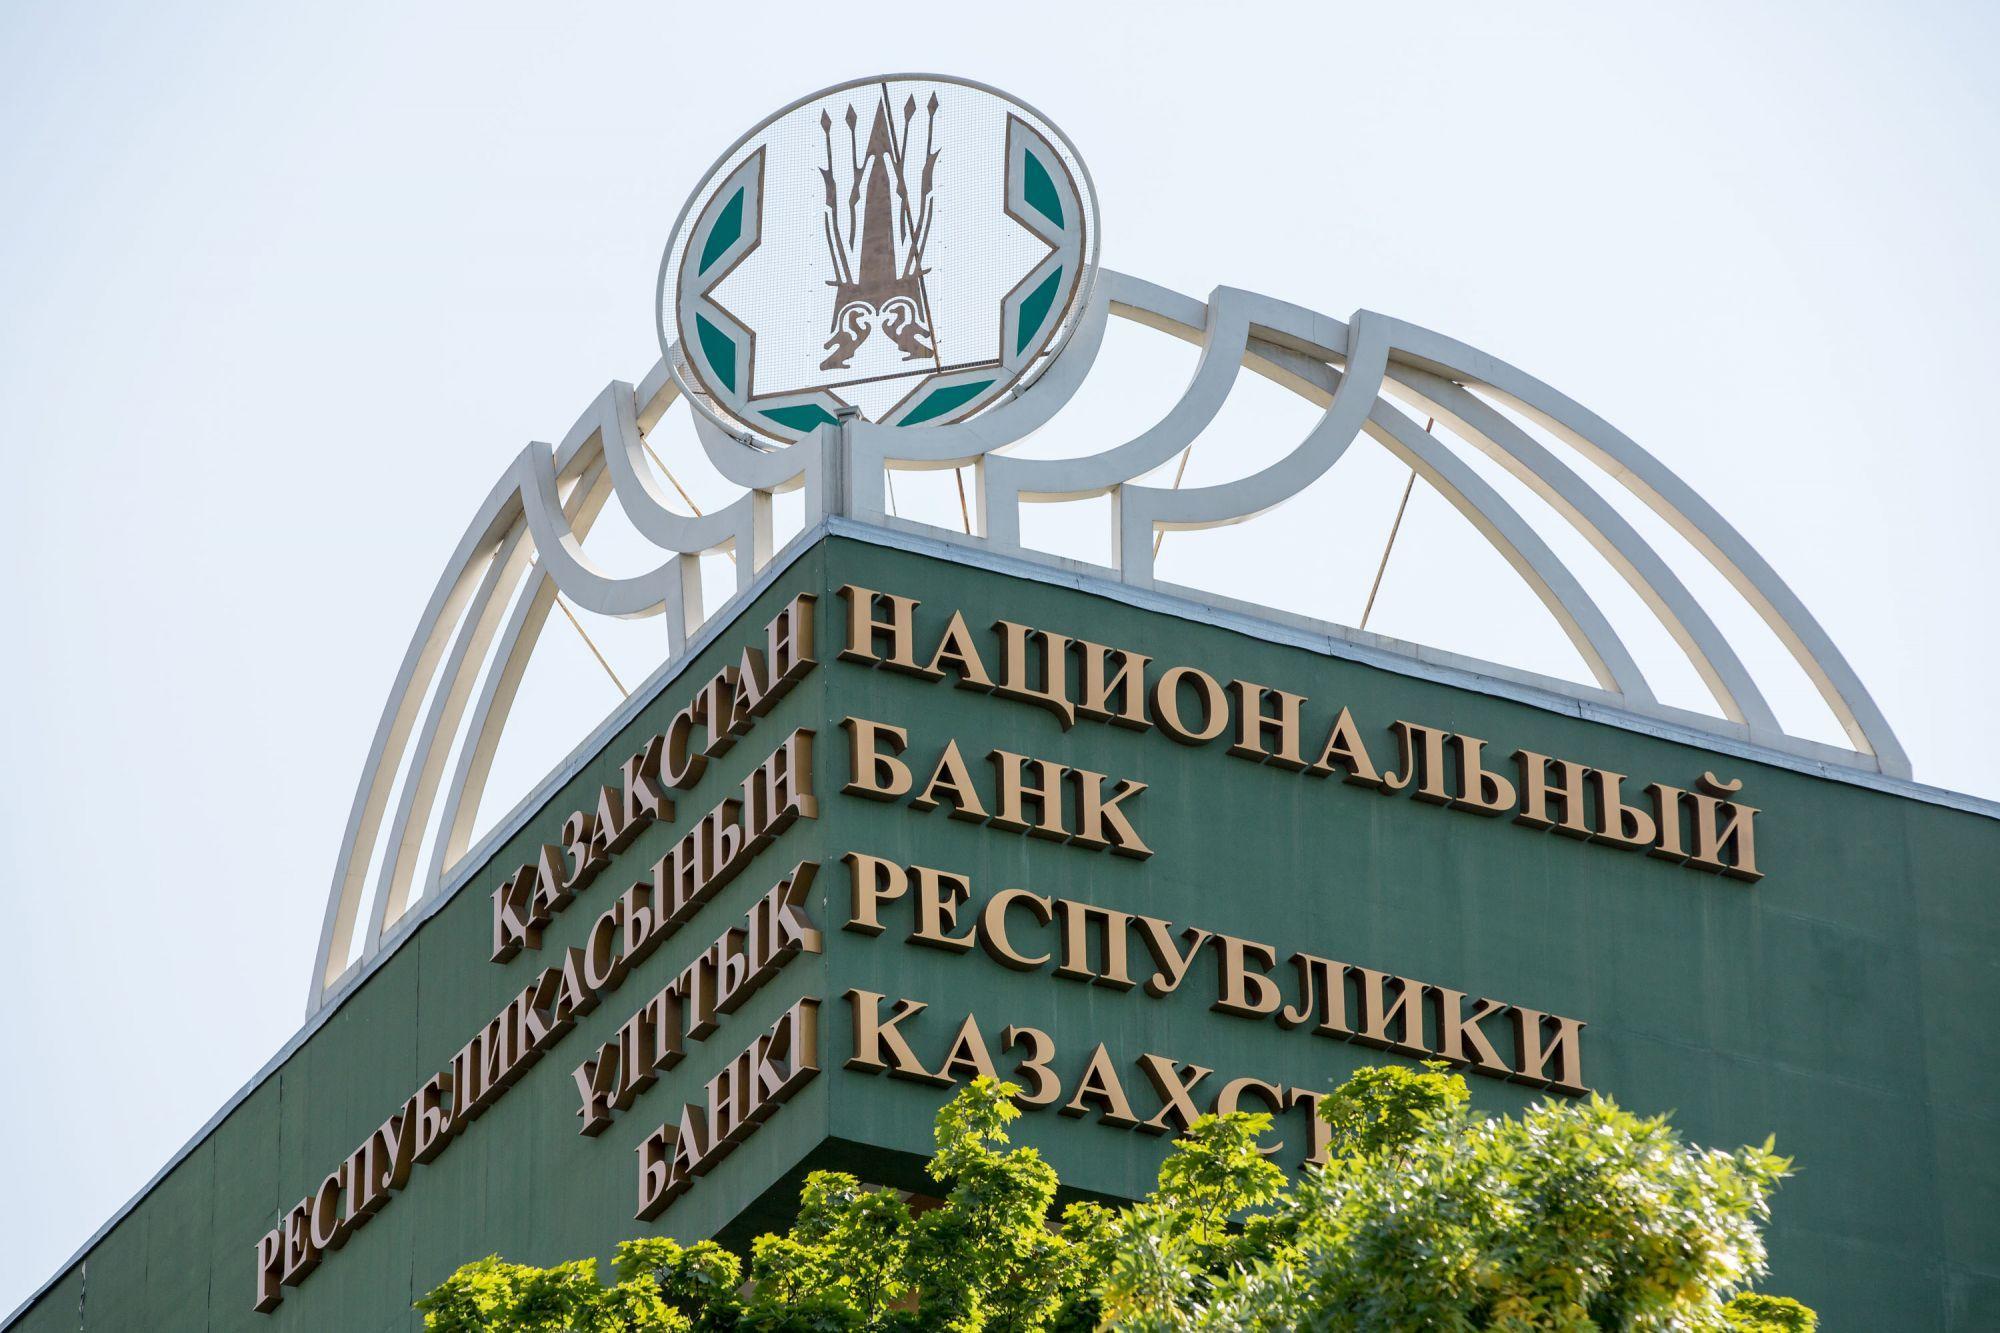 Совокупный собственный капитал банковского сектора увеличился за март на 1,3%